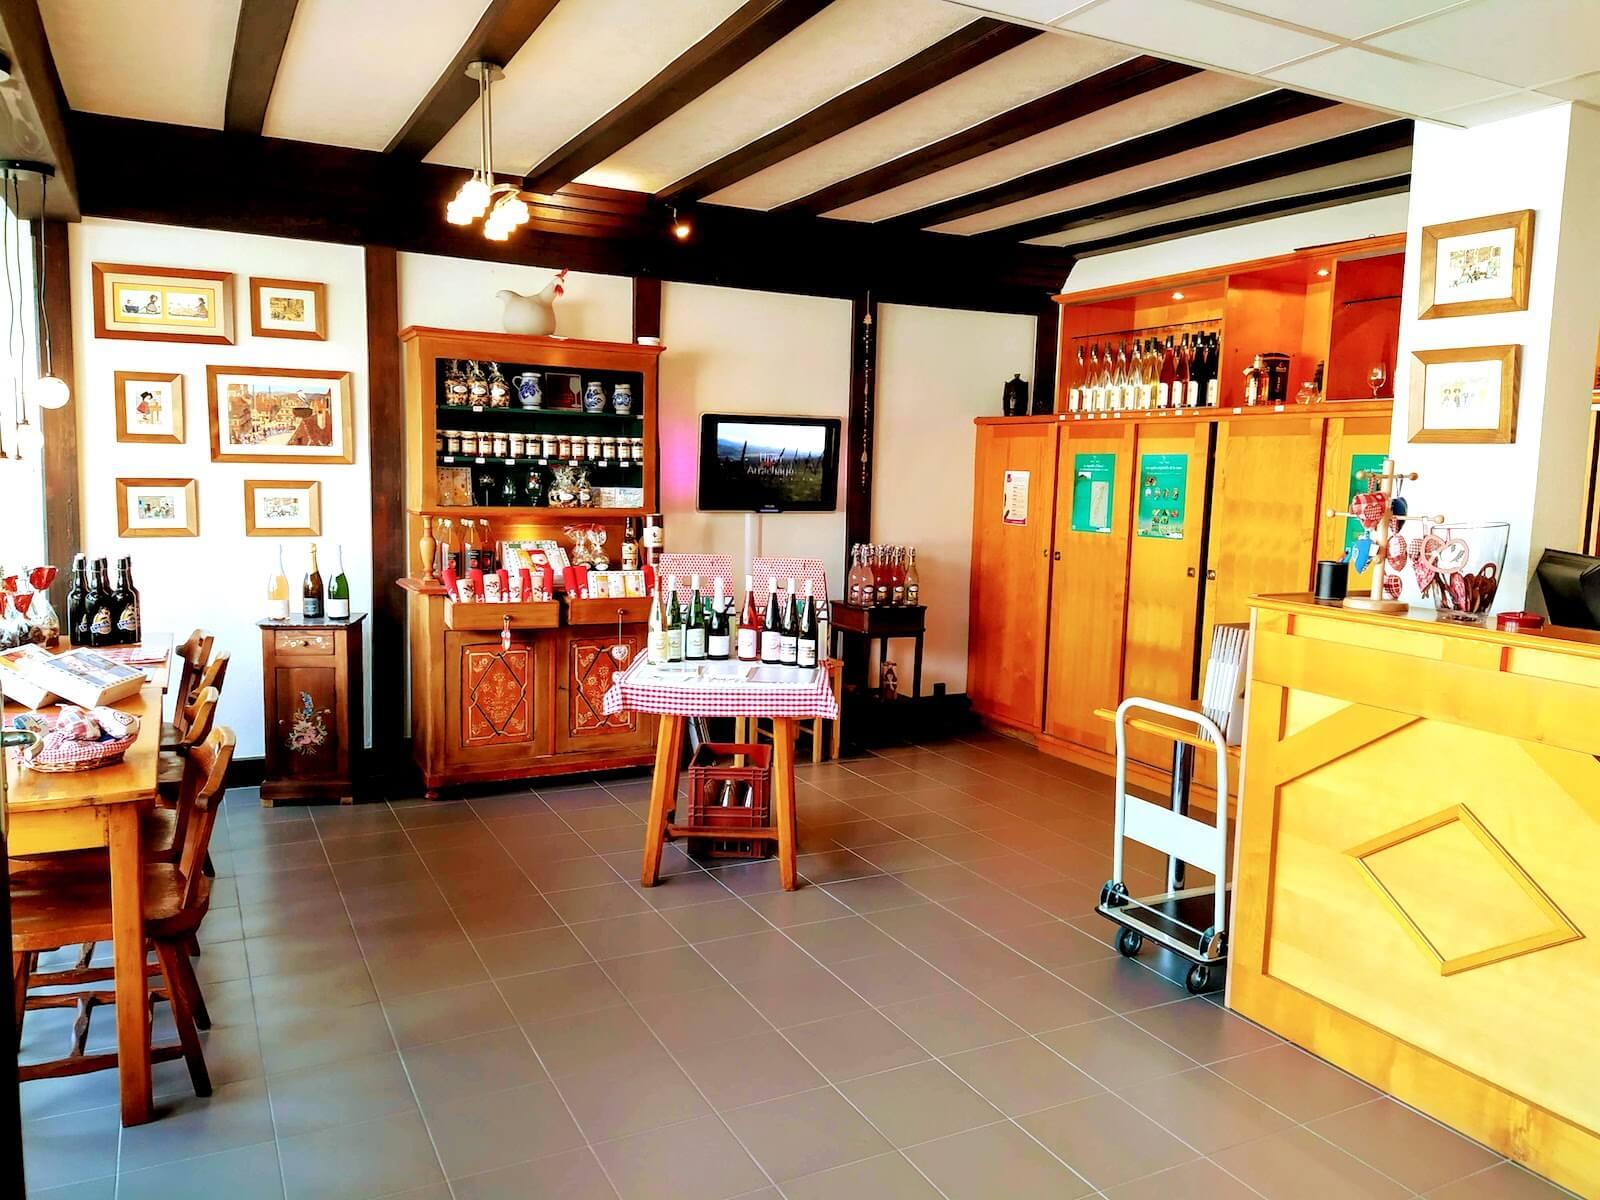 Winery Meyer-Krumb